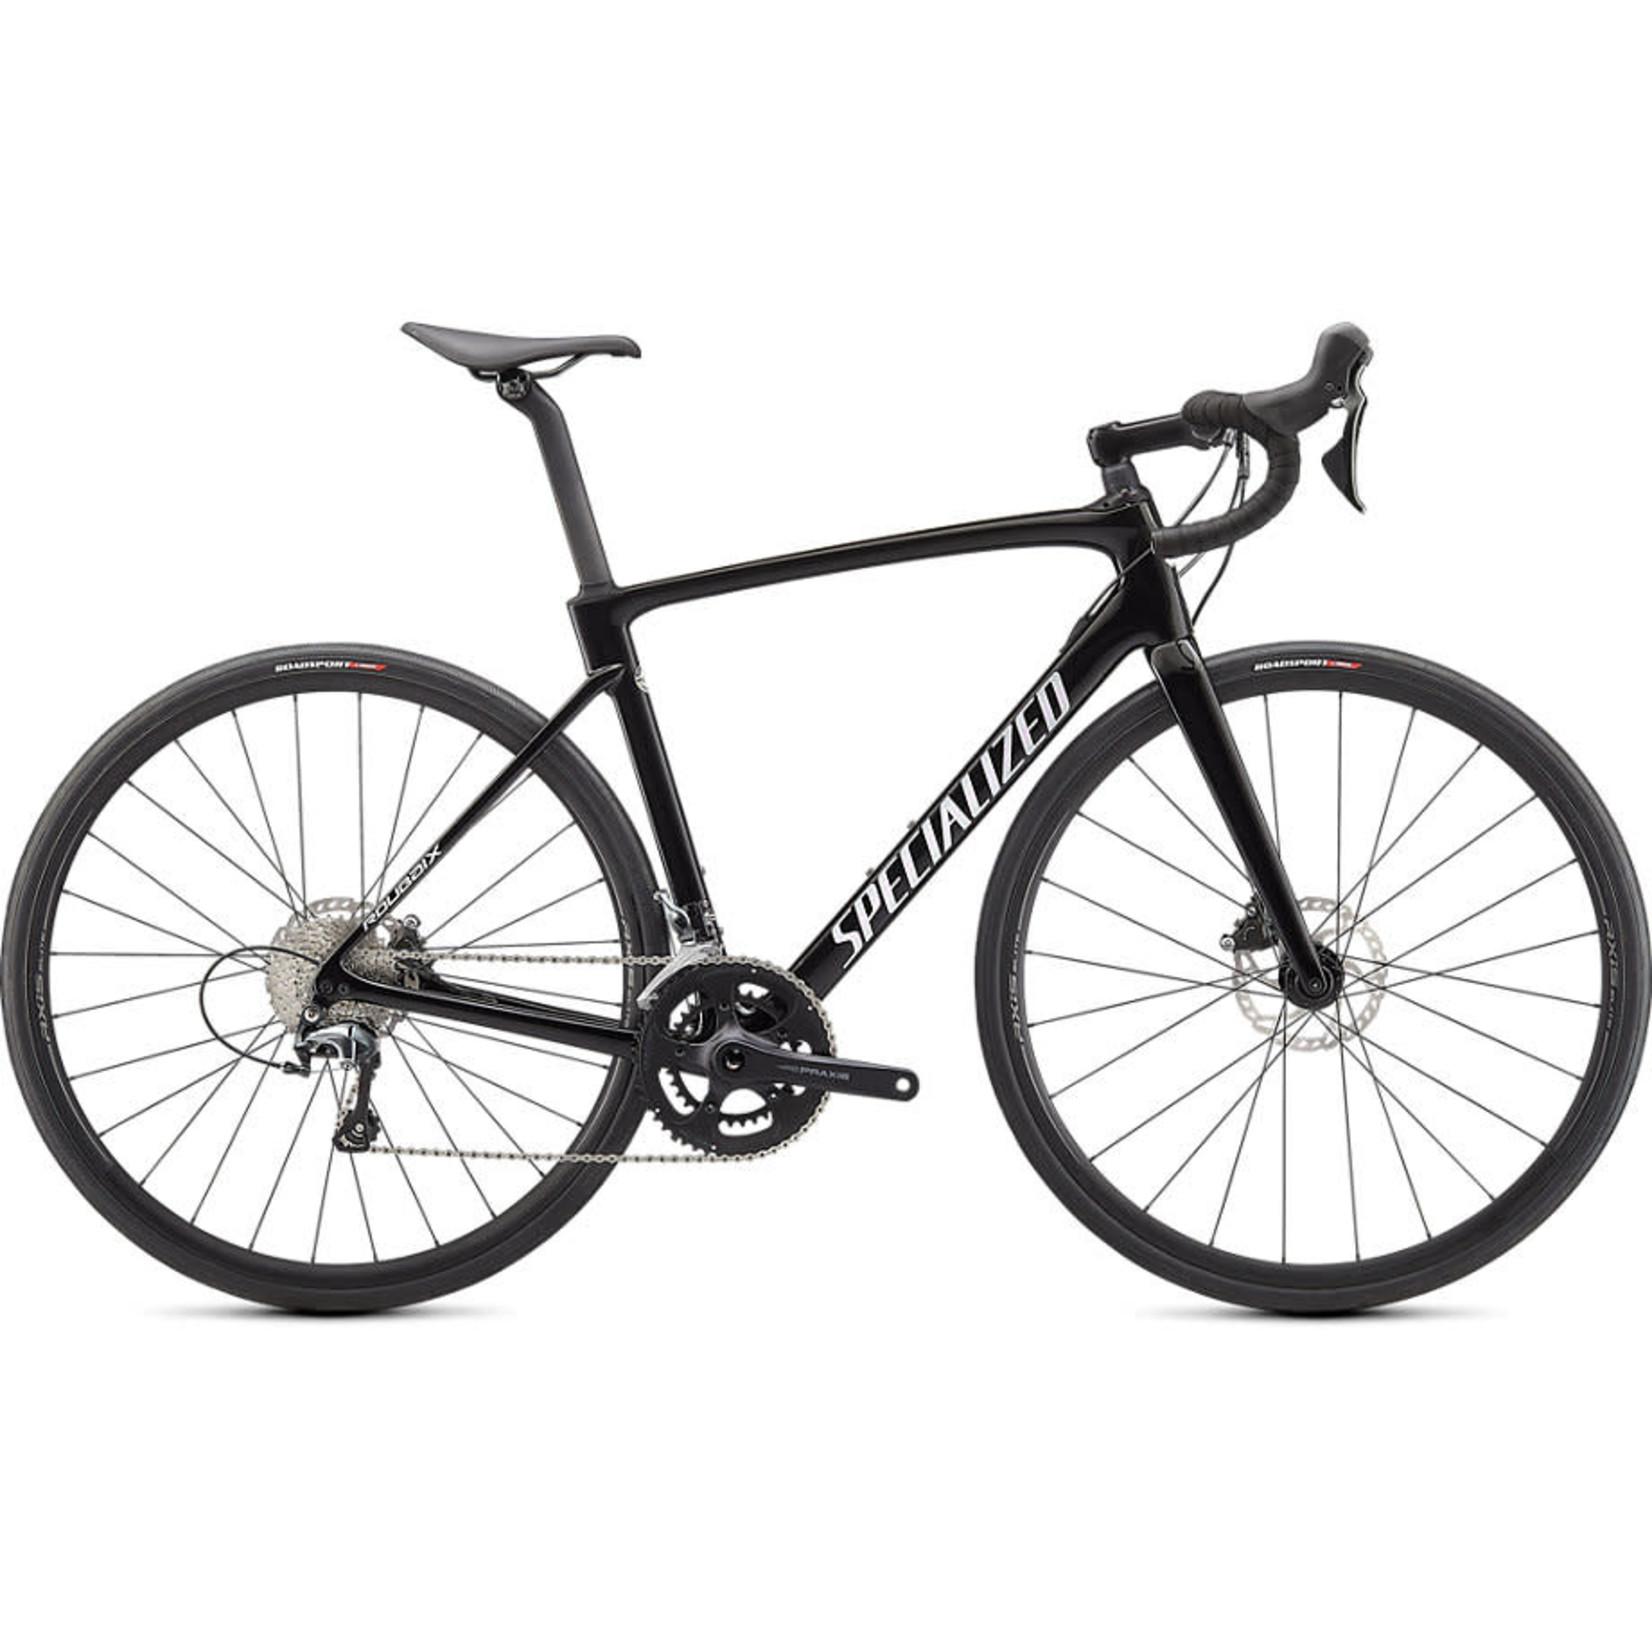 Specialized 2021 Specialized Roubaix